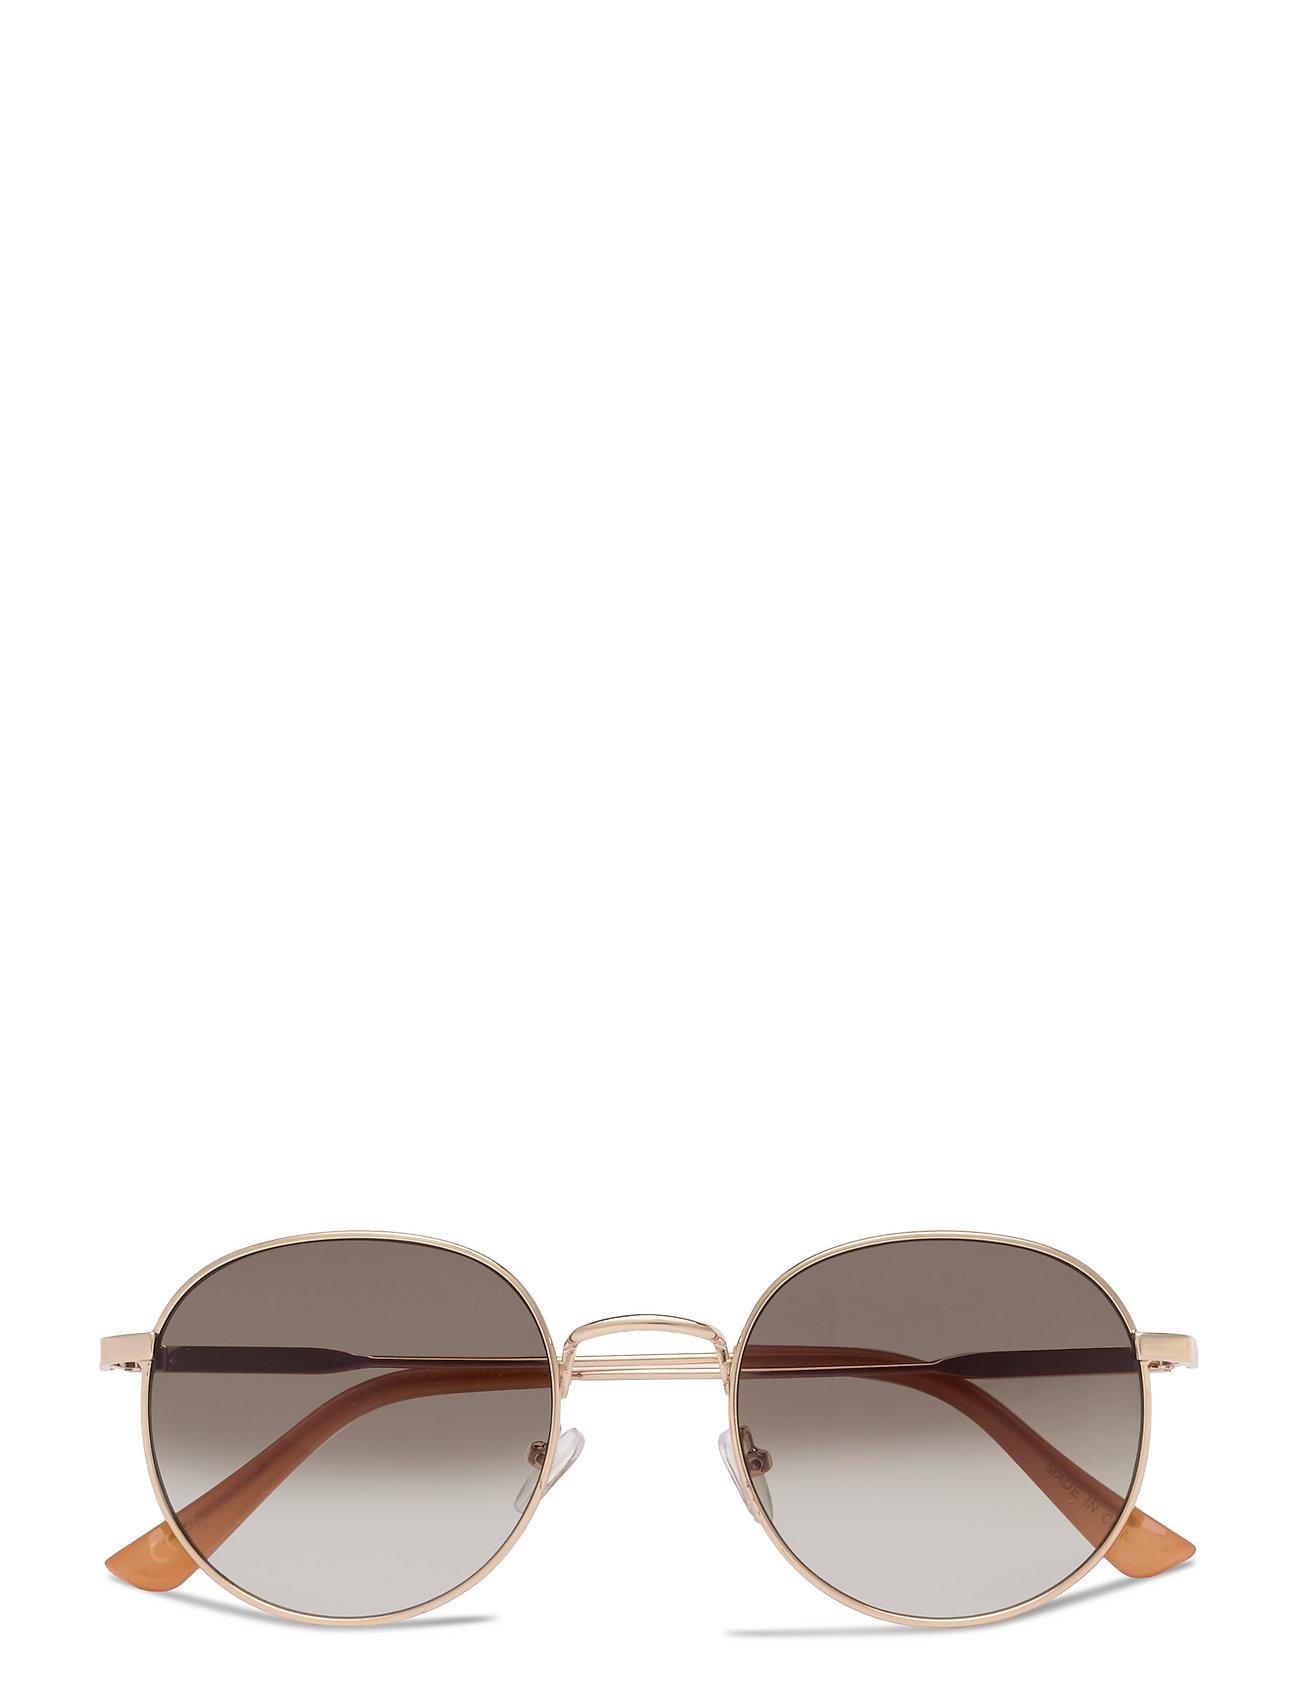 Brooklyn Solbriller Guld Mango